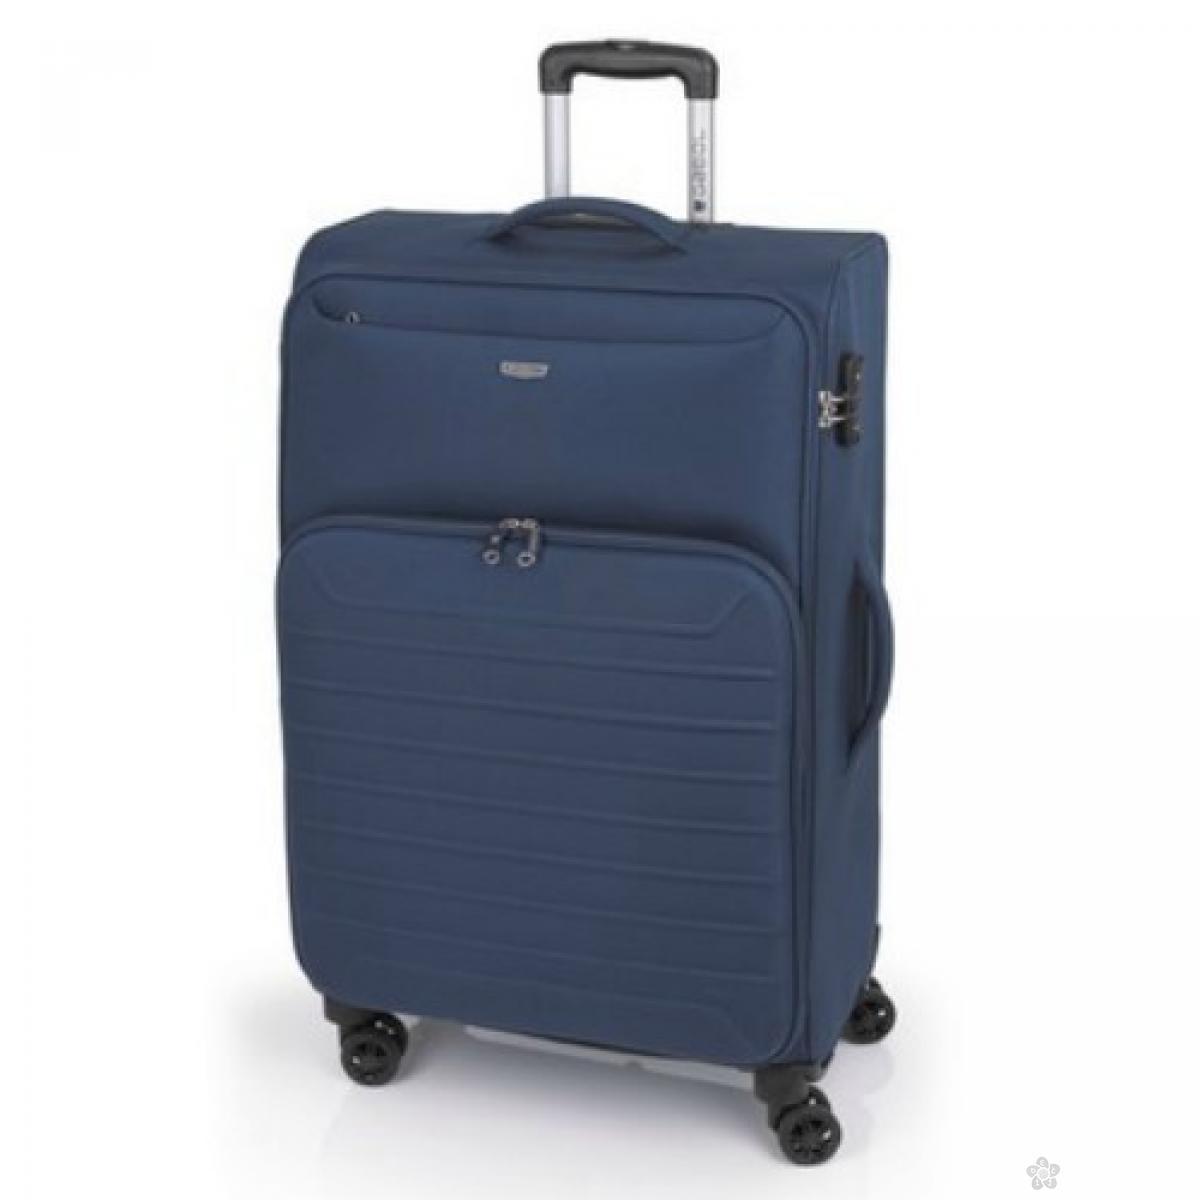 Kofer veliki polyester Ivory plava, 16KG115847E